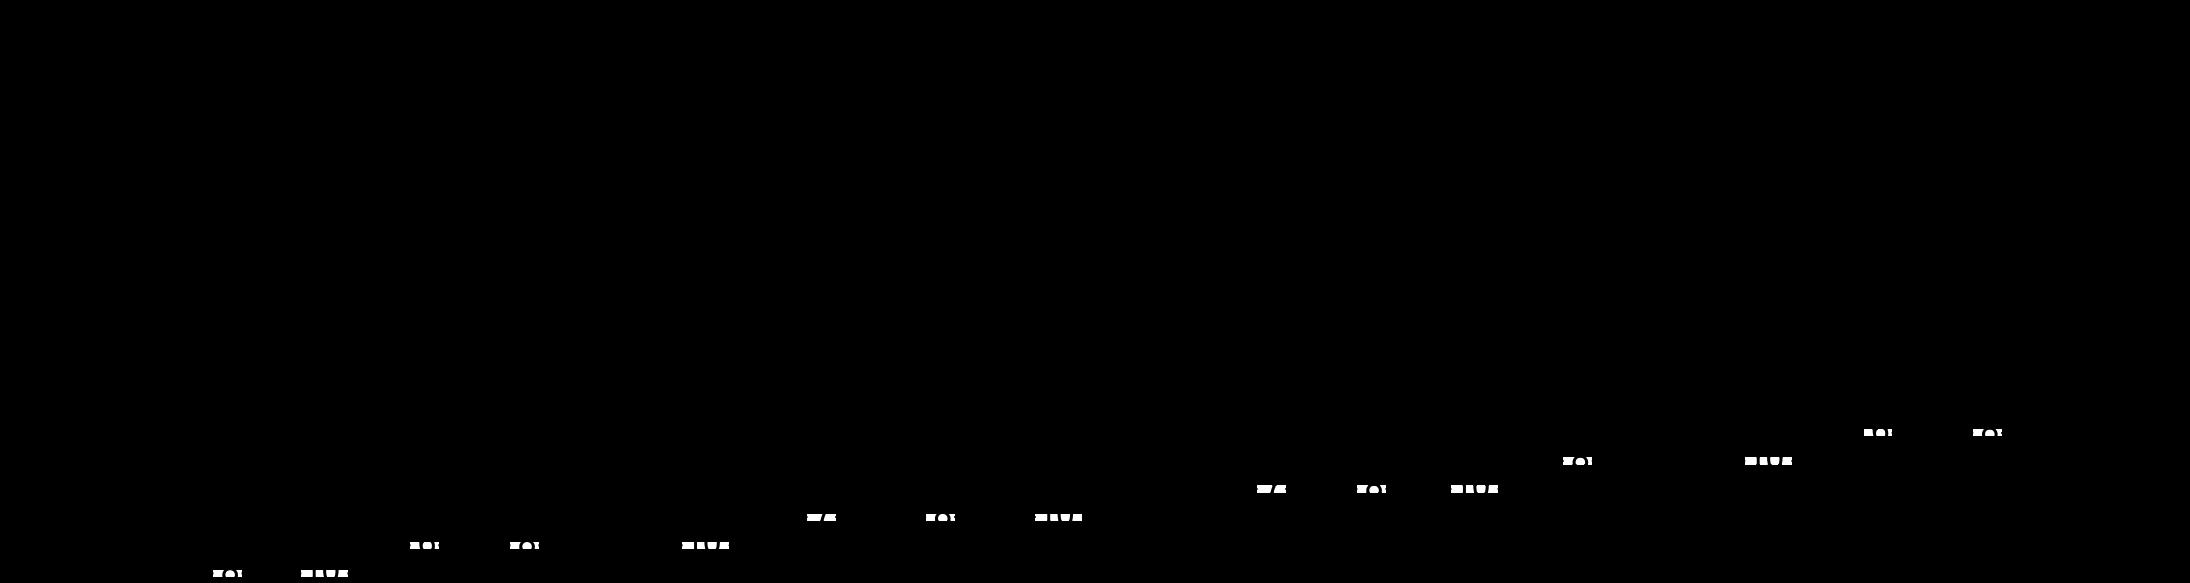 carraher-dorian